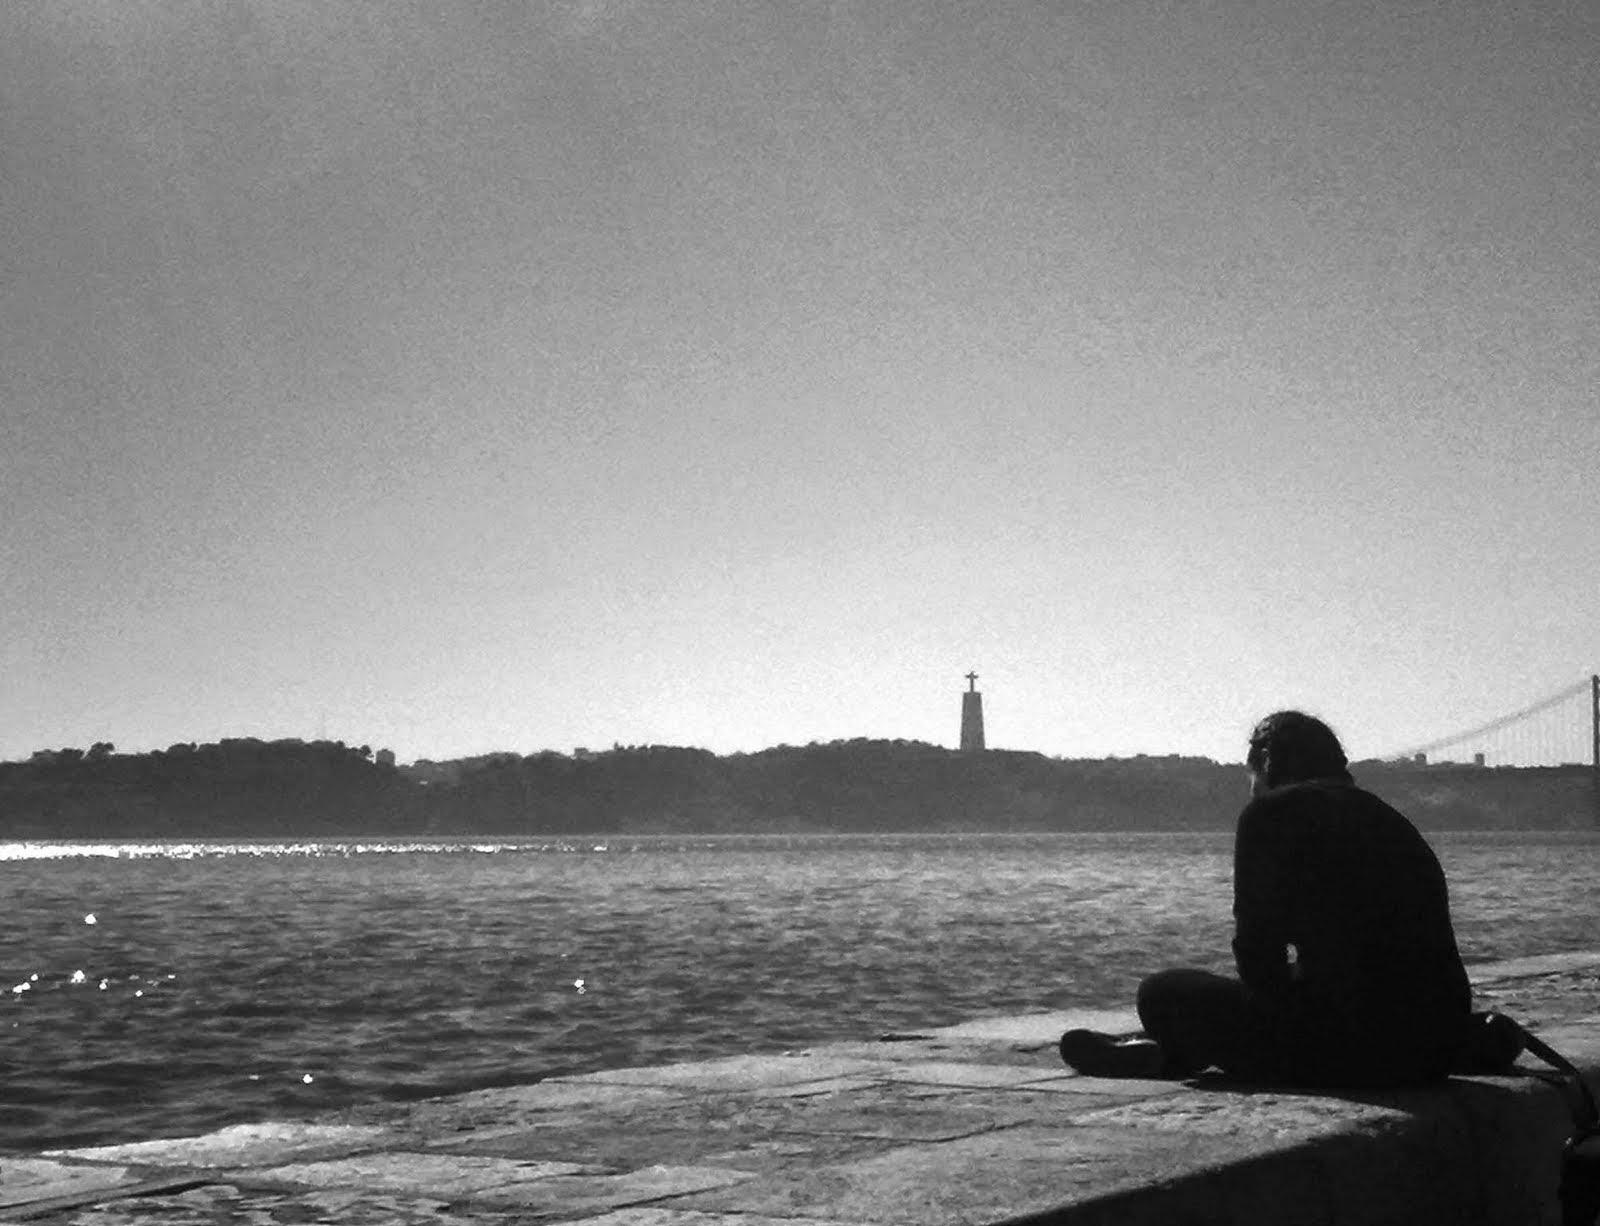 tristeza-depressão Não podemos confundir depressão com tristeza - 1 - Não podemos confundir depressão com tristeza